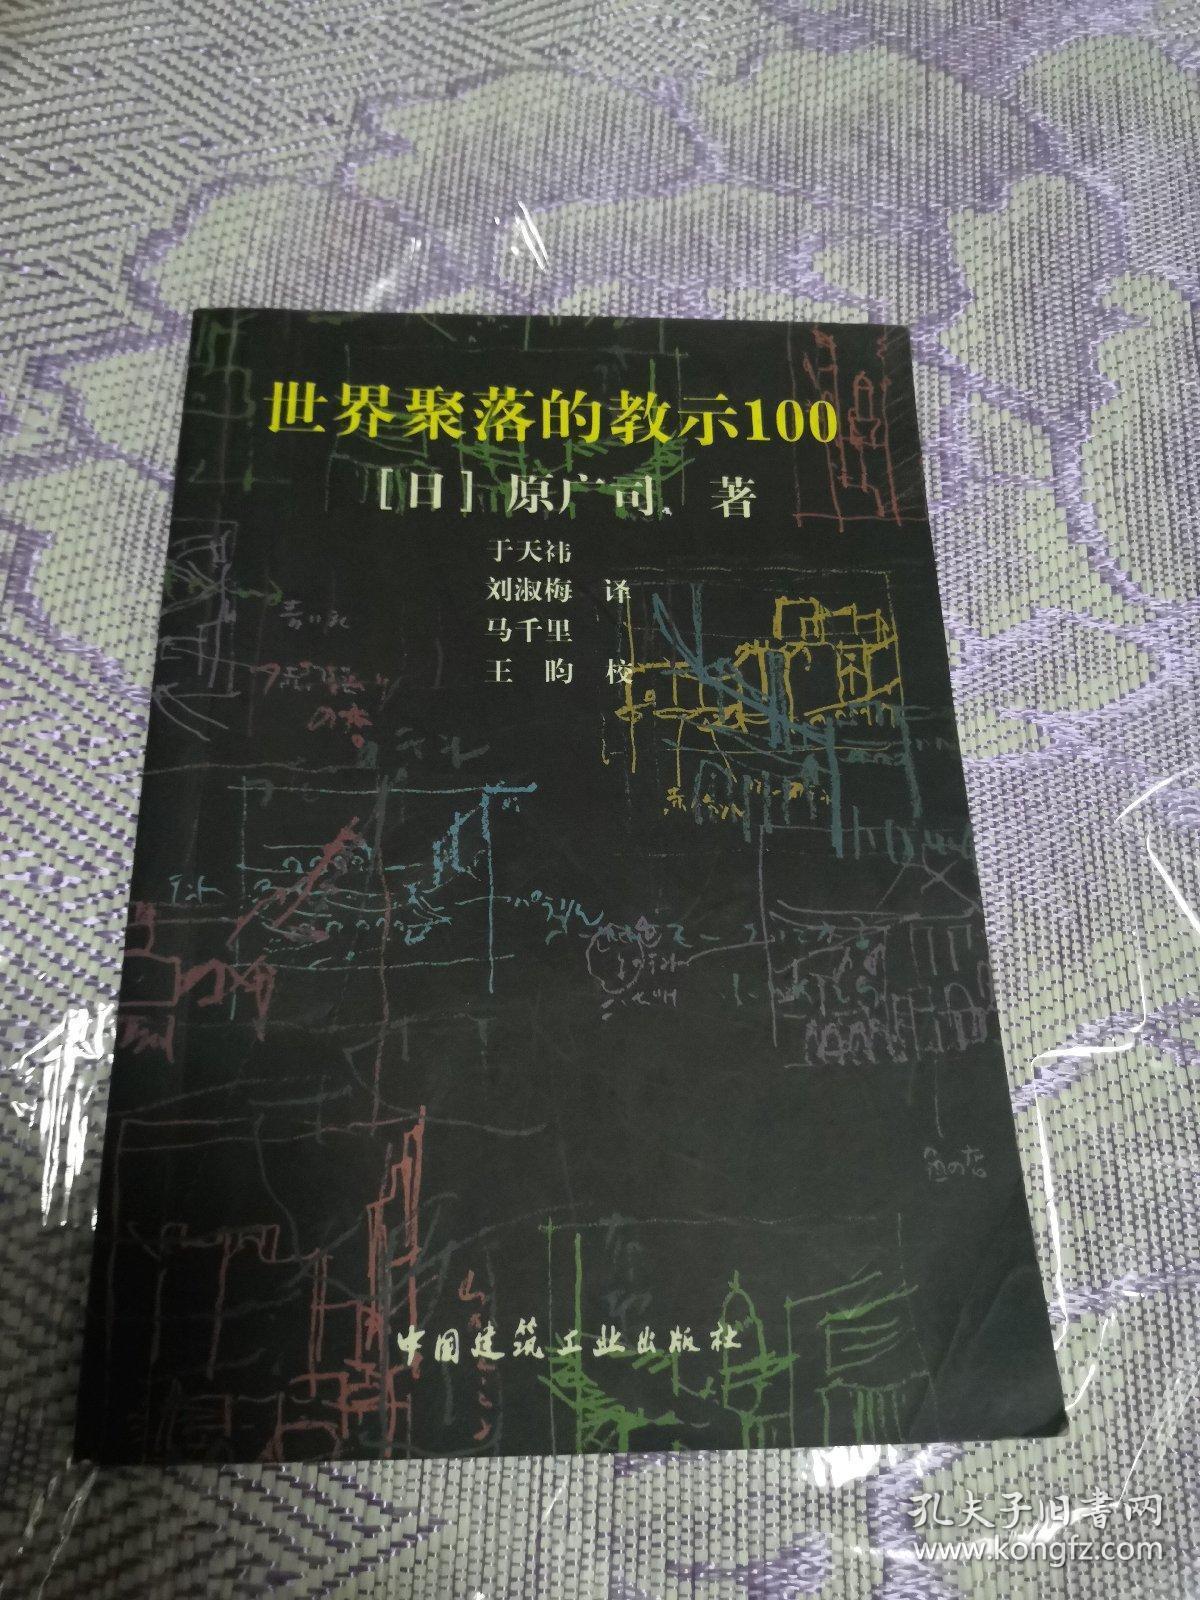 世界聚落的教示100(正版第一次印刷)